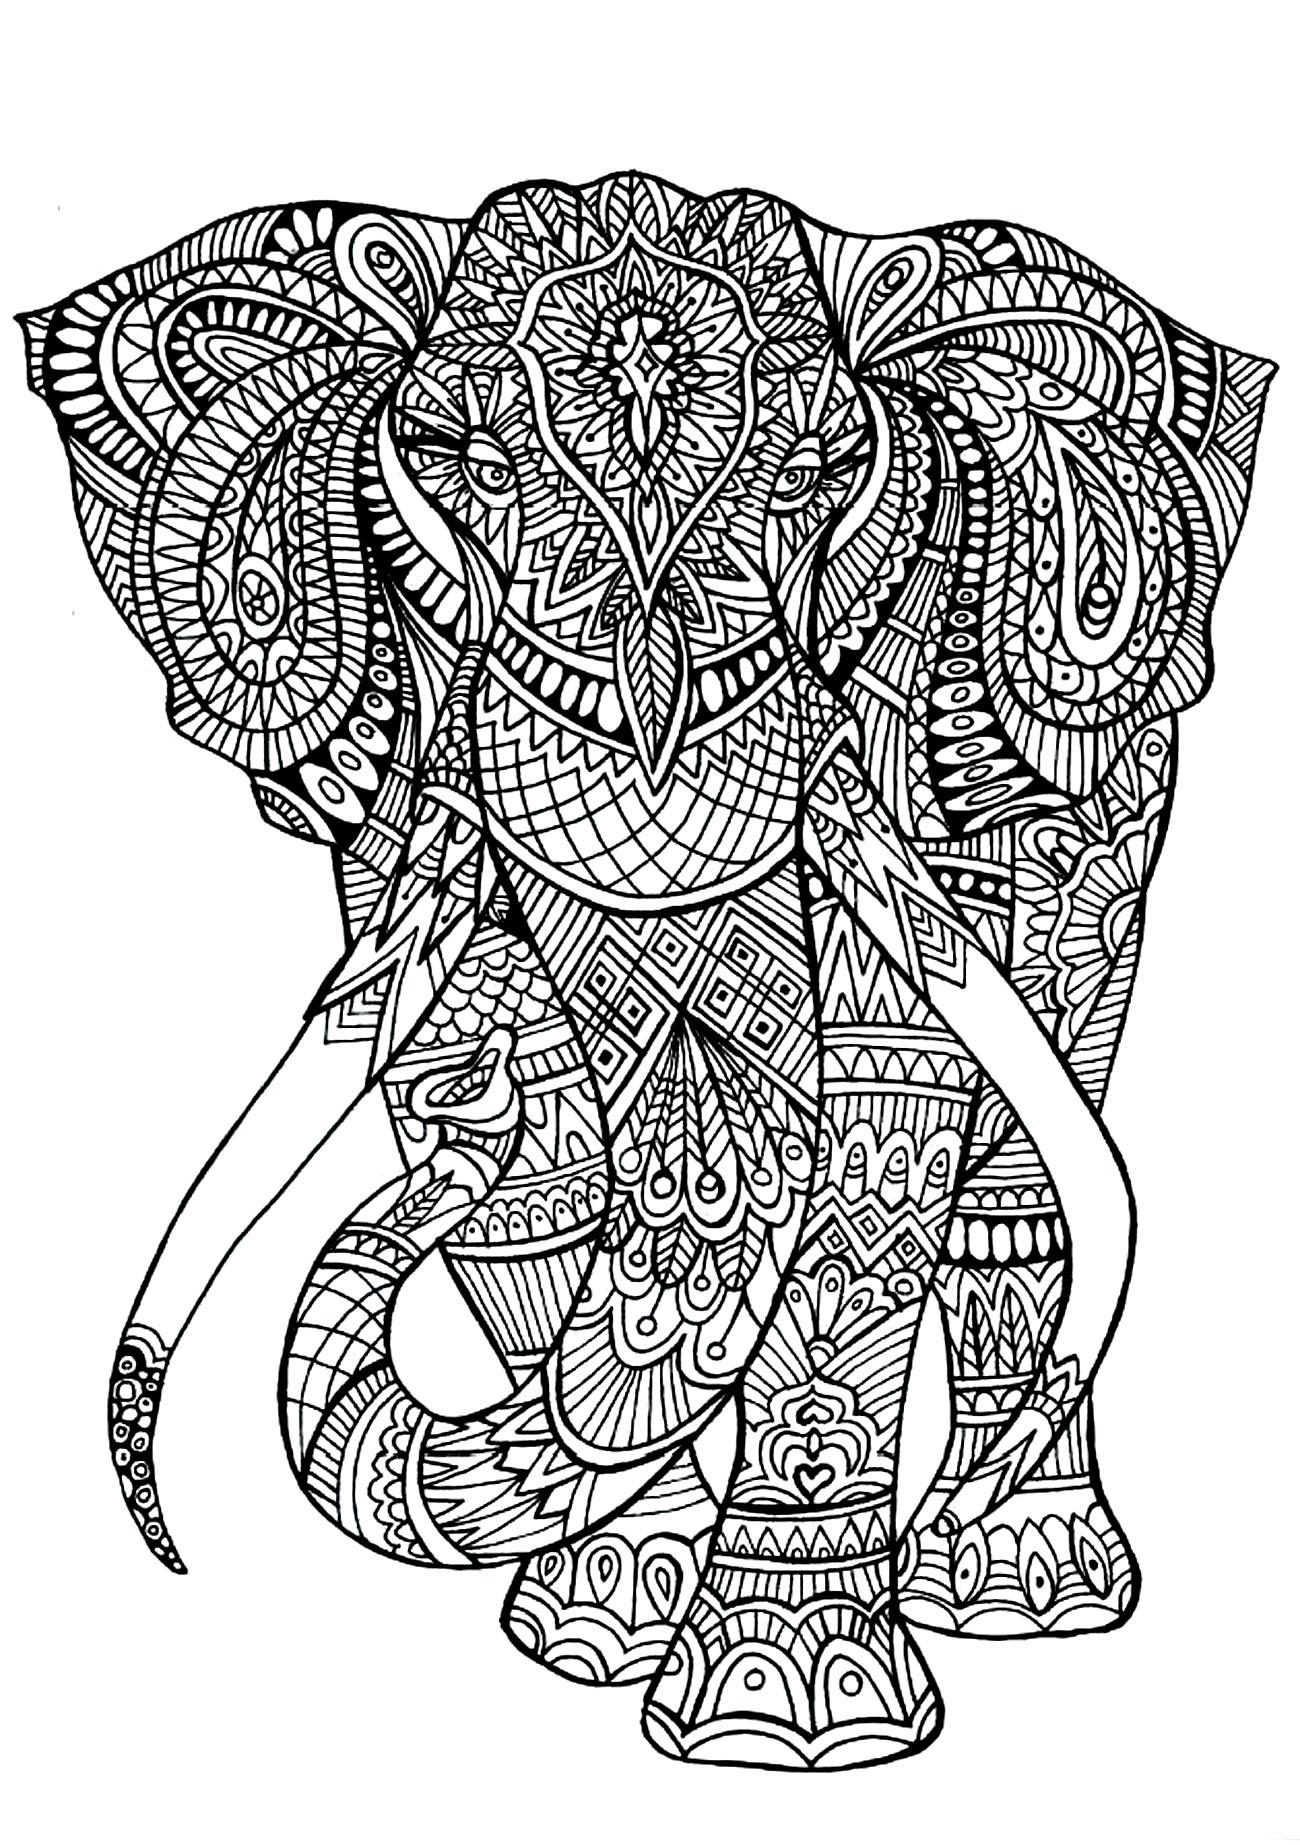 Coloratutto Website Disegno Dell Elefante Gia Colorato